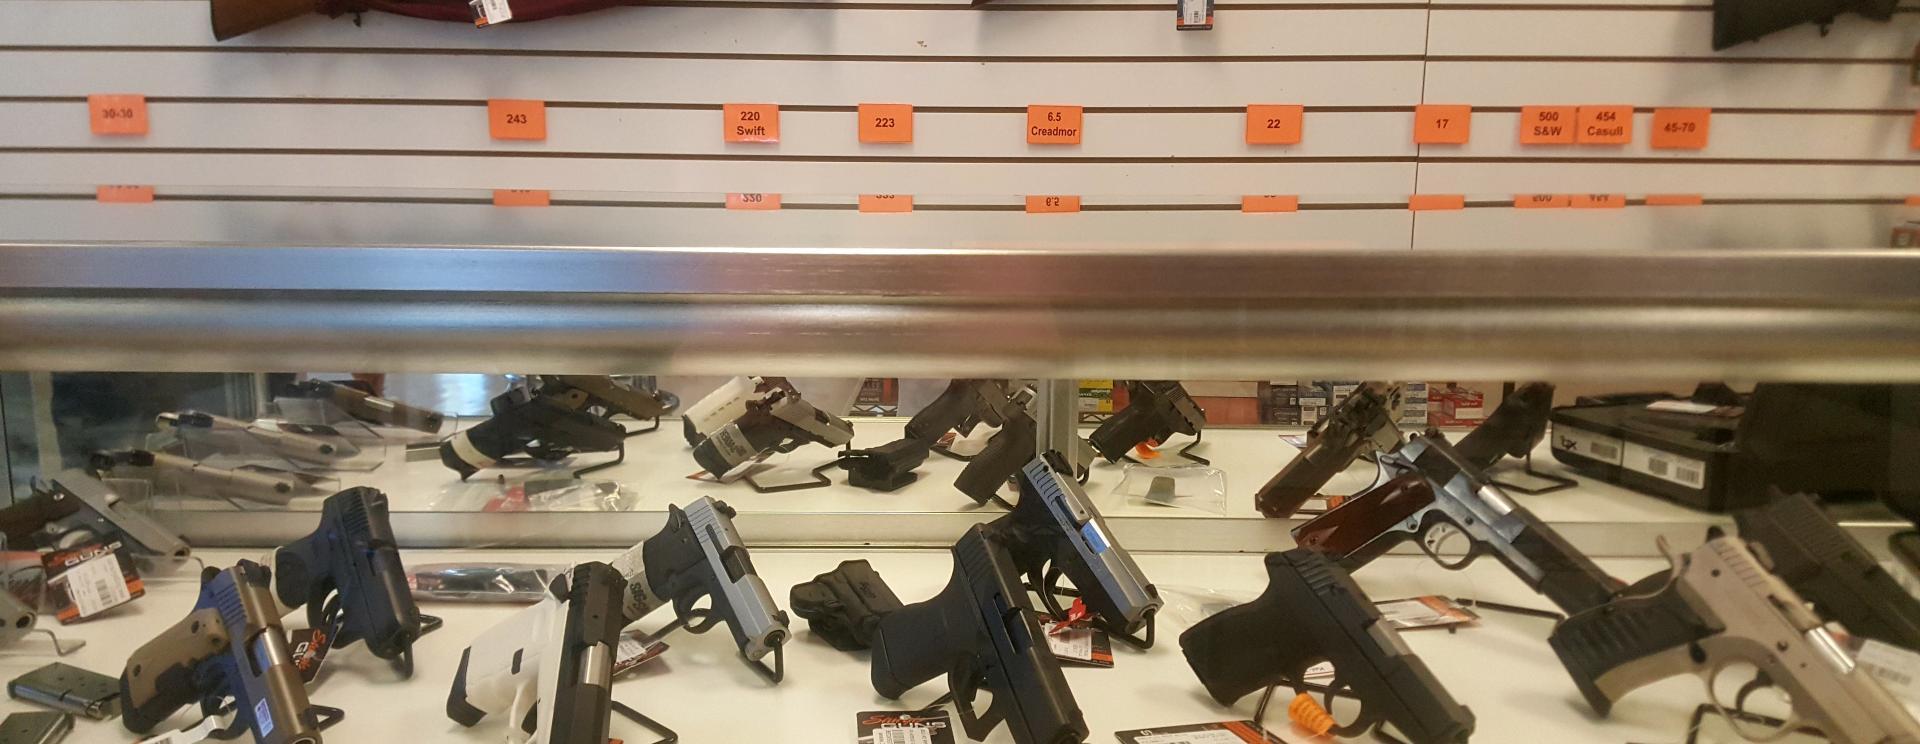 Sturgis Guns